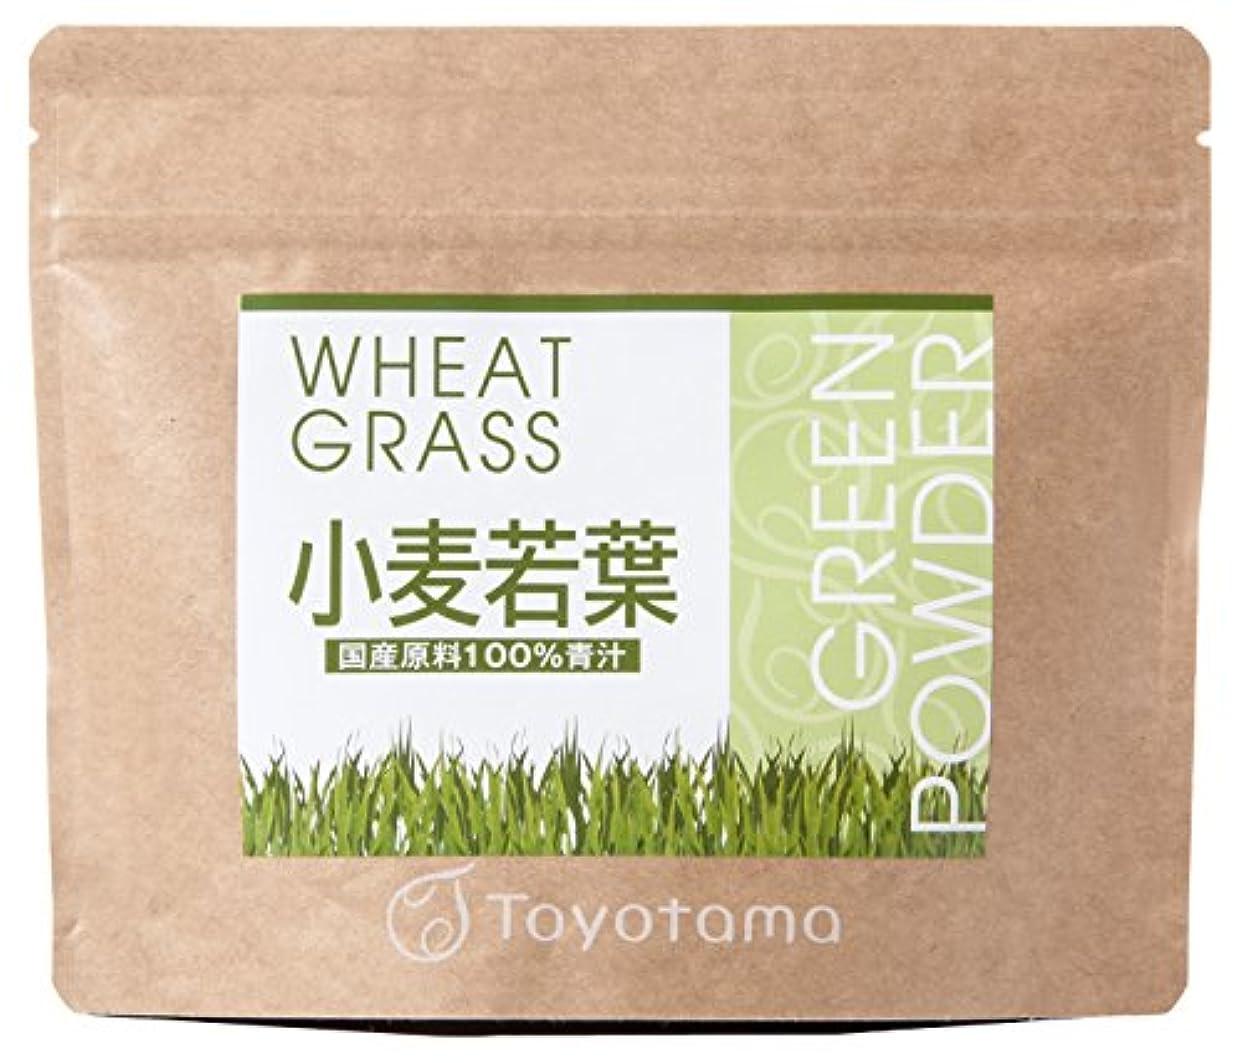 一時的けん引固執トヨタマ(TOYOTAMA) 国産小麦若葉100%青汁 90g (約30回分) 無添加 ピュアパウダー 1096314